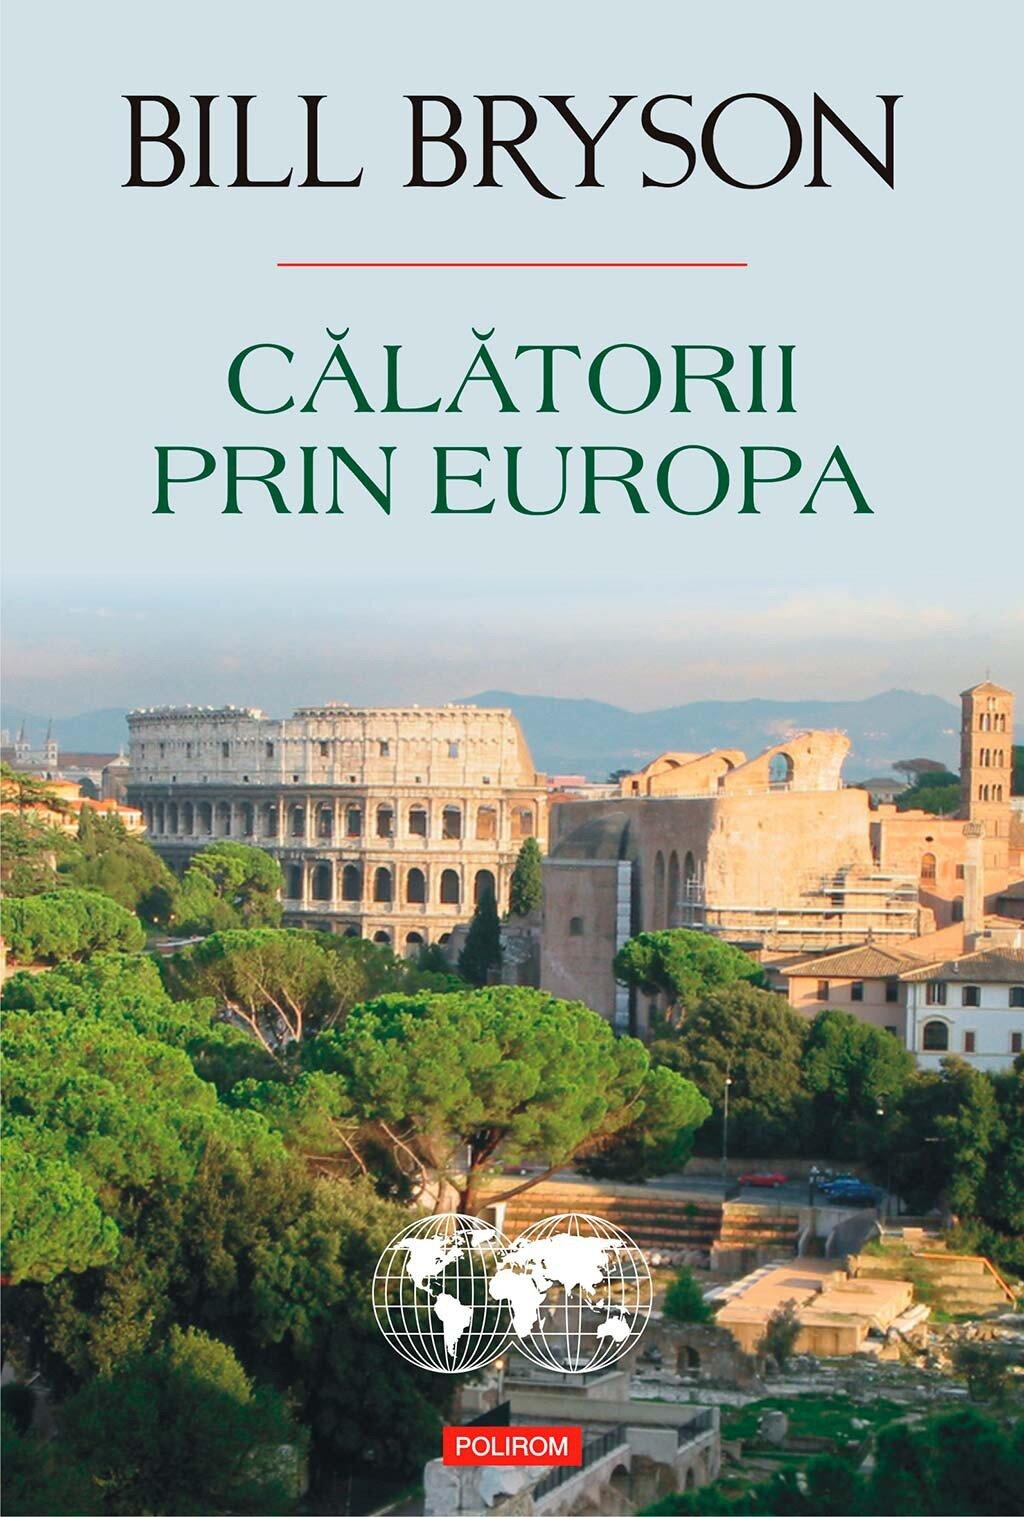 Calatorii prin Europa PDF (Download eBook)